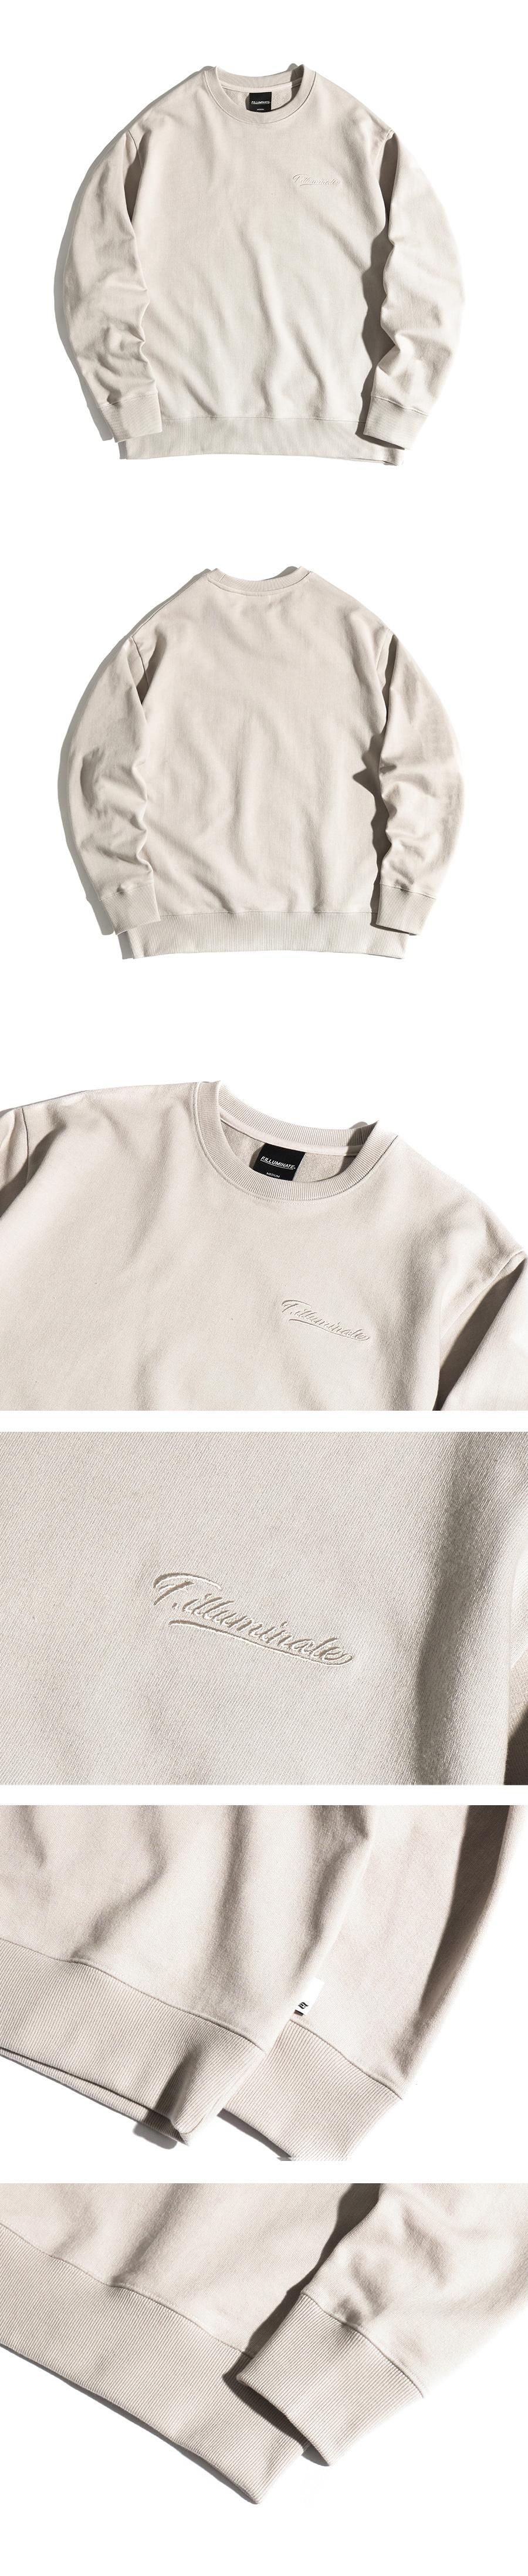 필루미네이트(FILLUMINATE) 유니섹스 베이직 모던 스웨트 셔츠-베이지